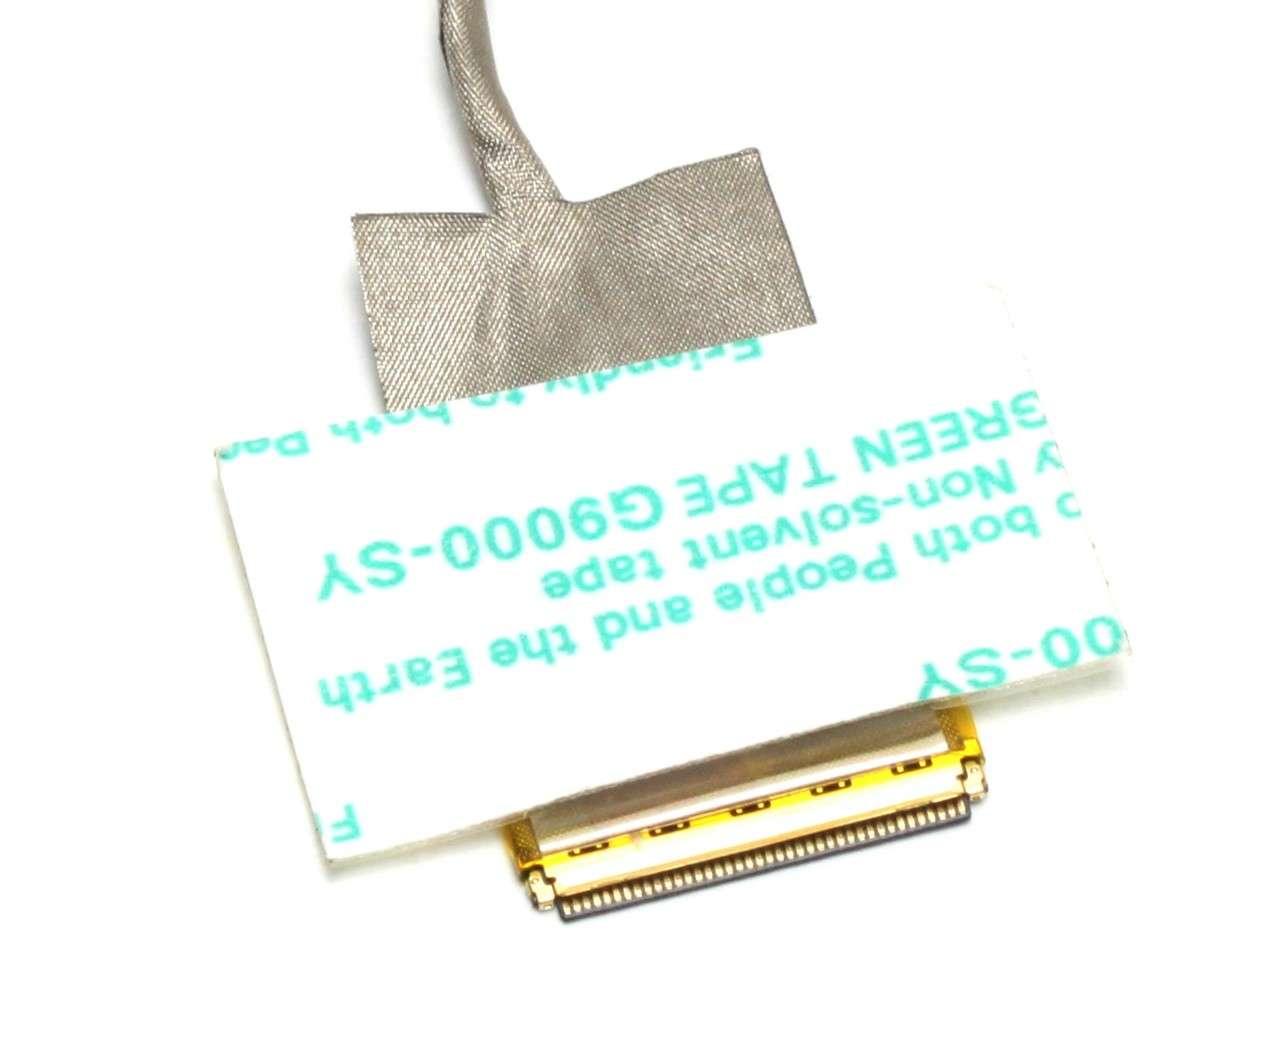 Cablu video LVDS Asus D553MA fara touchscreen imagine powerlaptop.ro 2021